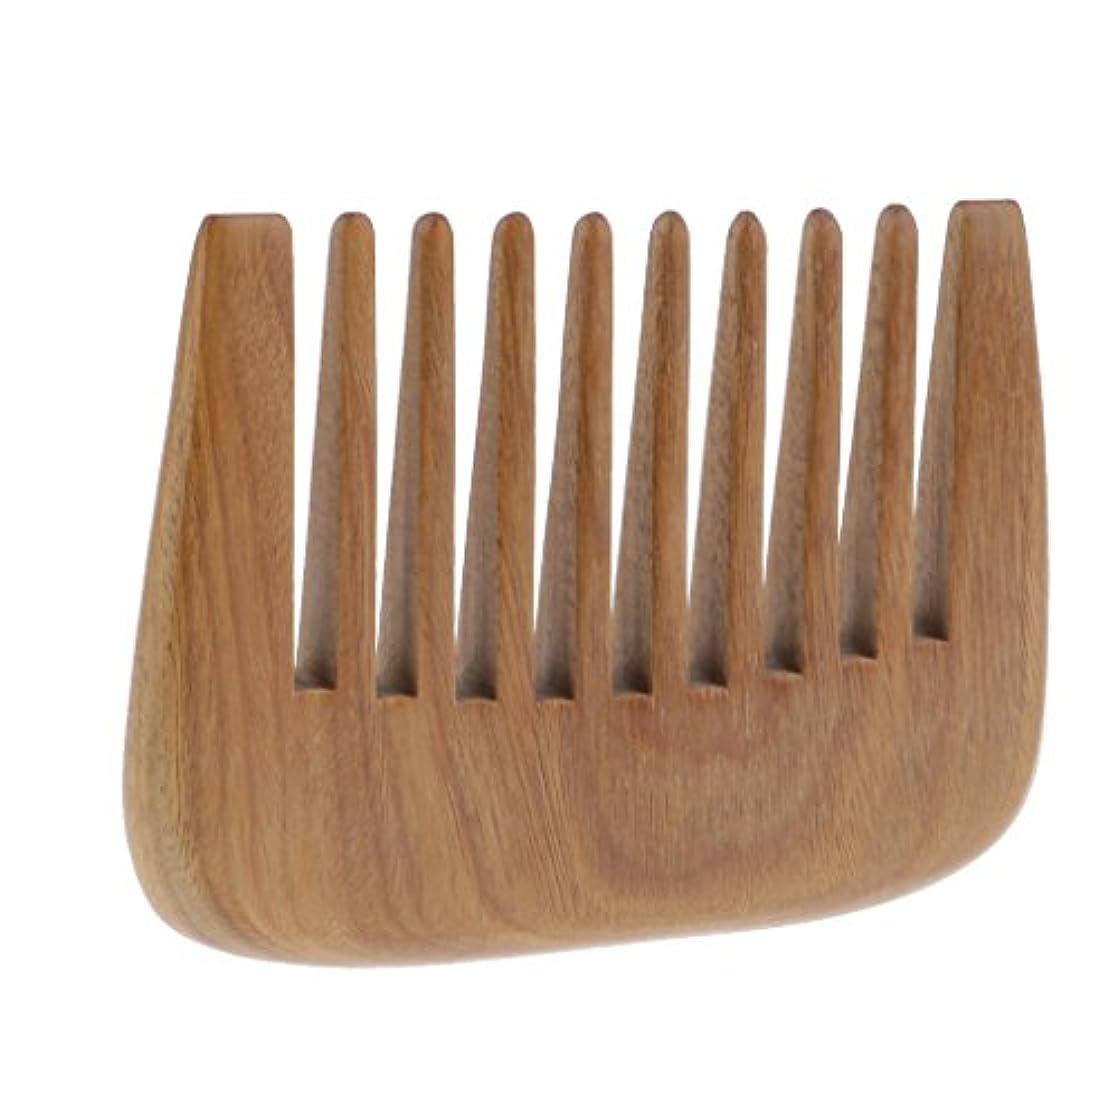 不利事前に彼らはグリーンサンダルウッドのひげの櫛 - 広い歯ポケット櫛 - いいえ男性&女性のための静的ナチュラルアロマ木製グルーミングコーム